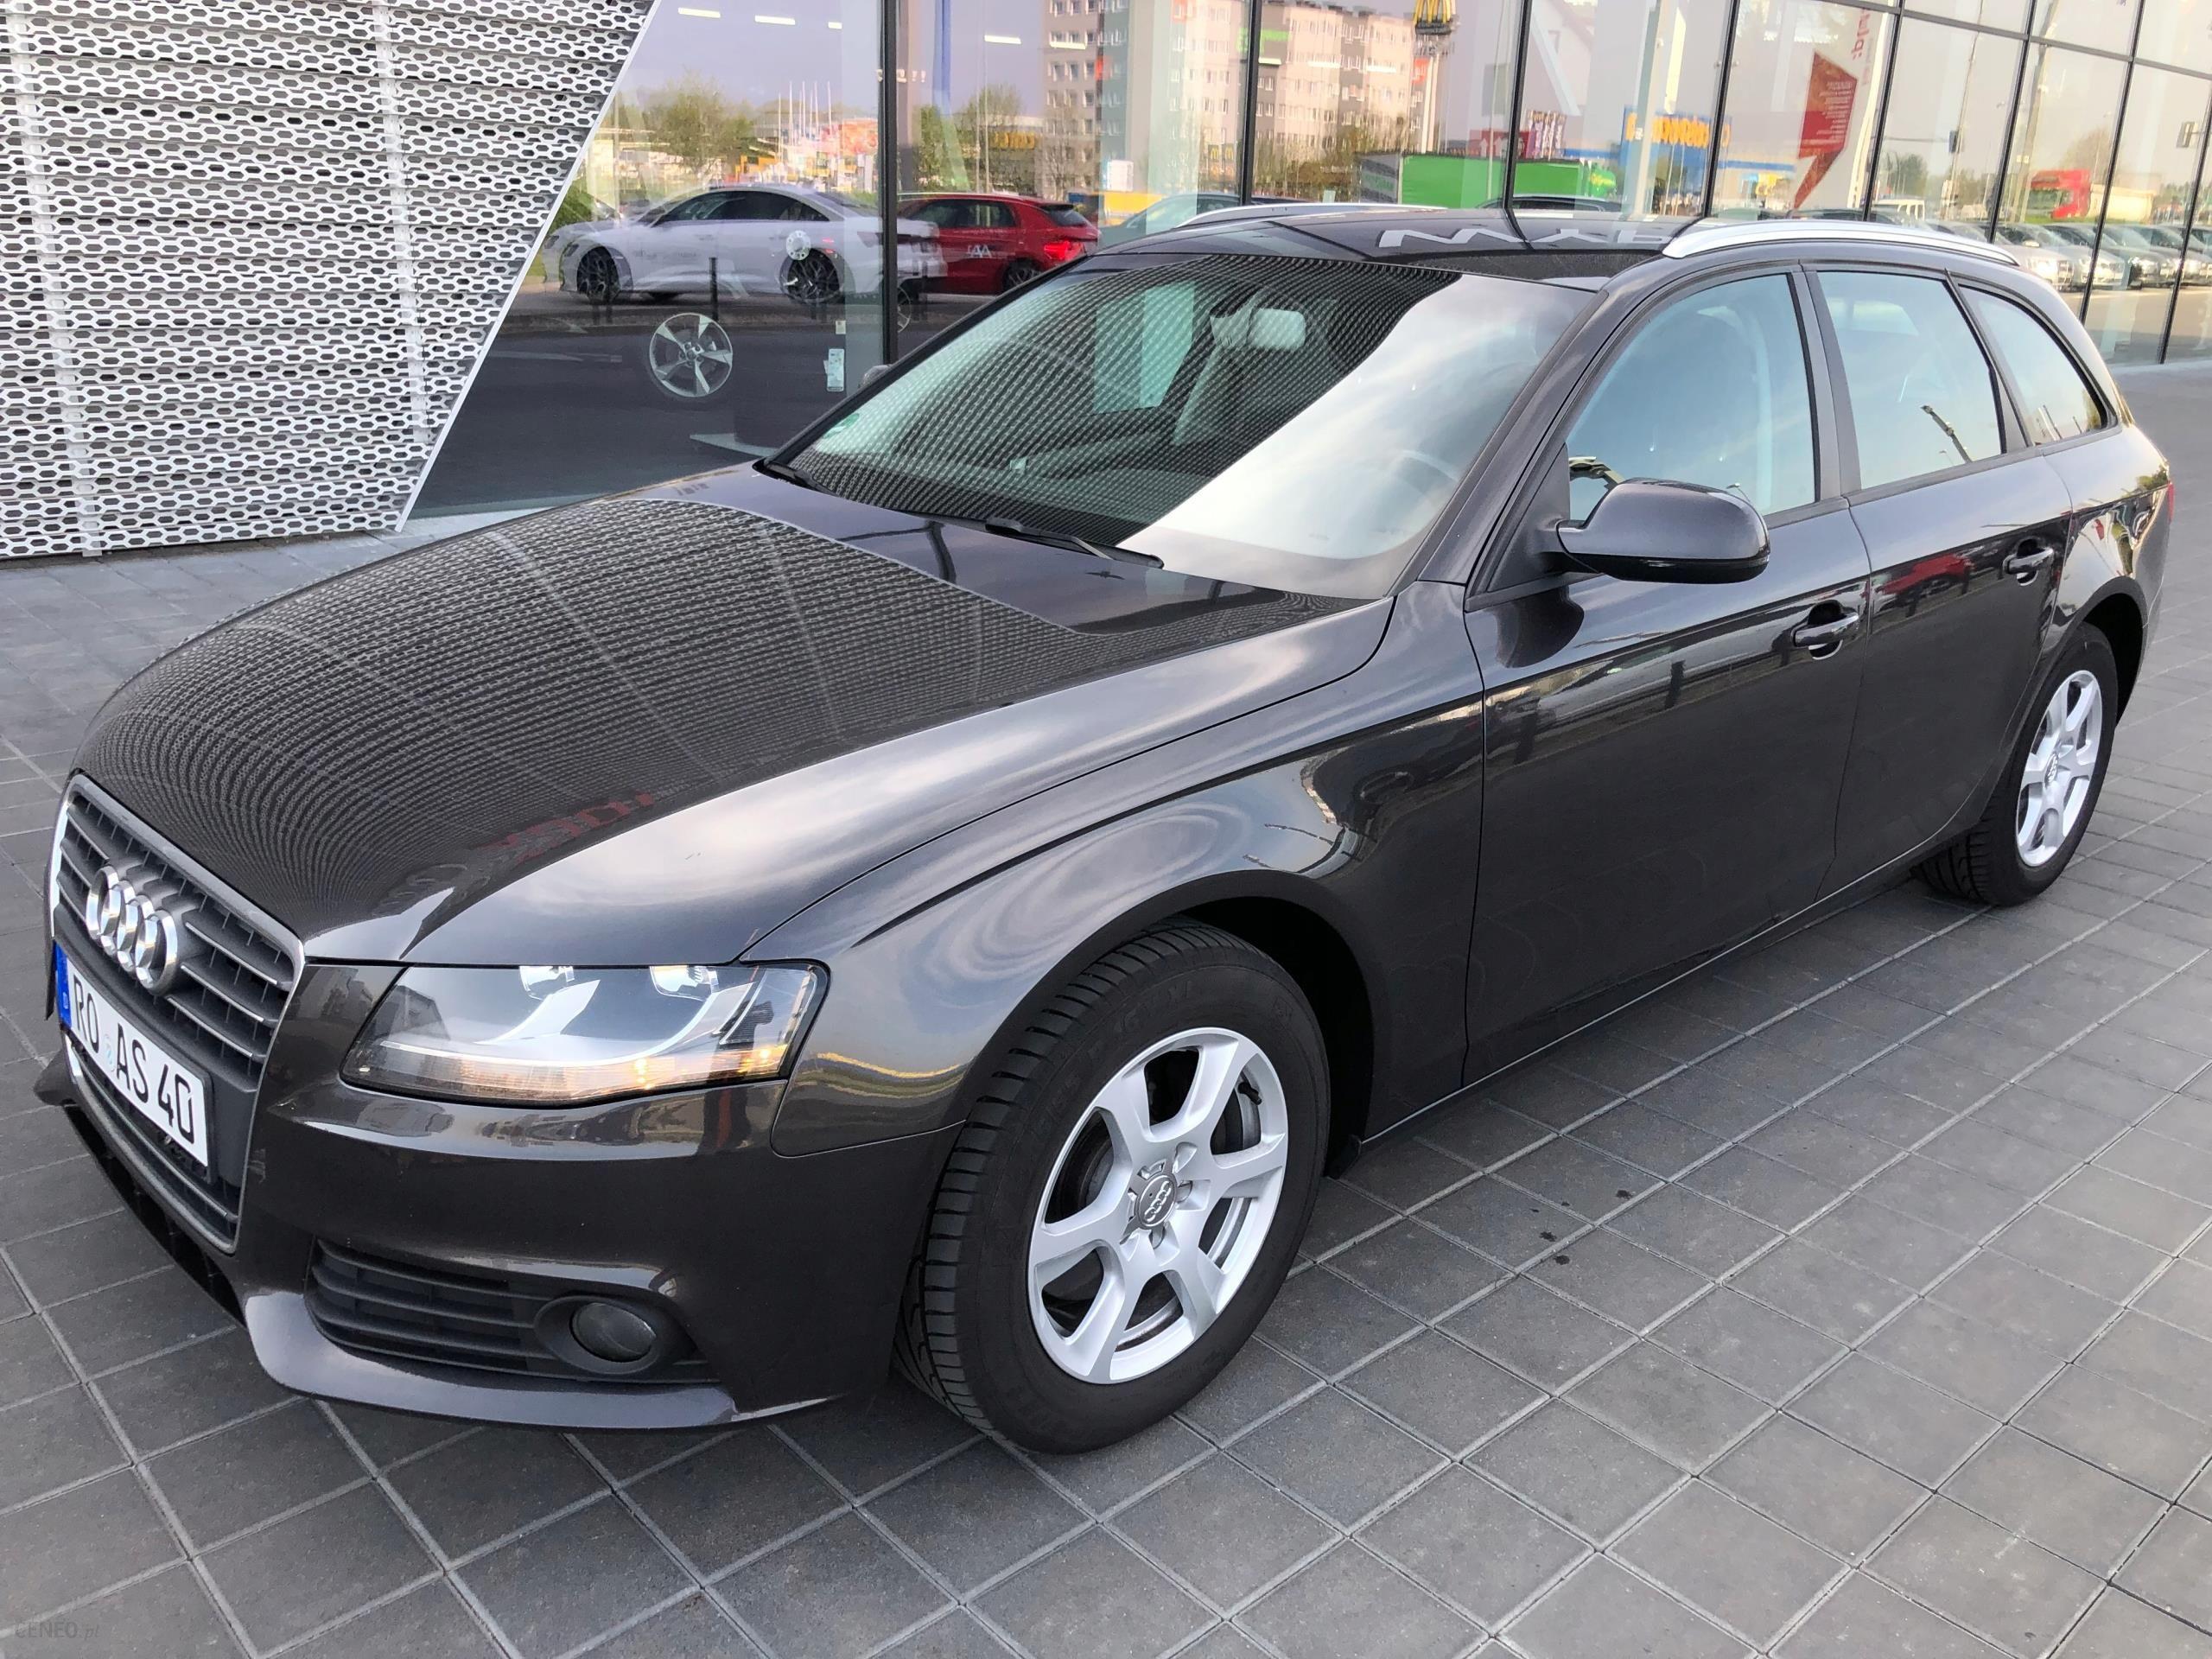 Audi A4 B8 20tdi Nawigacja Kolorowa Bezwypadkowy Opinie I Ceny Na